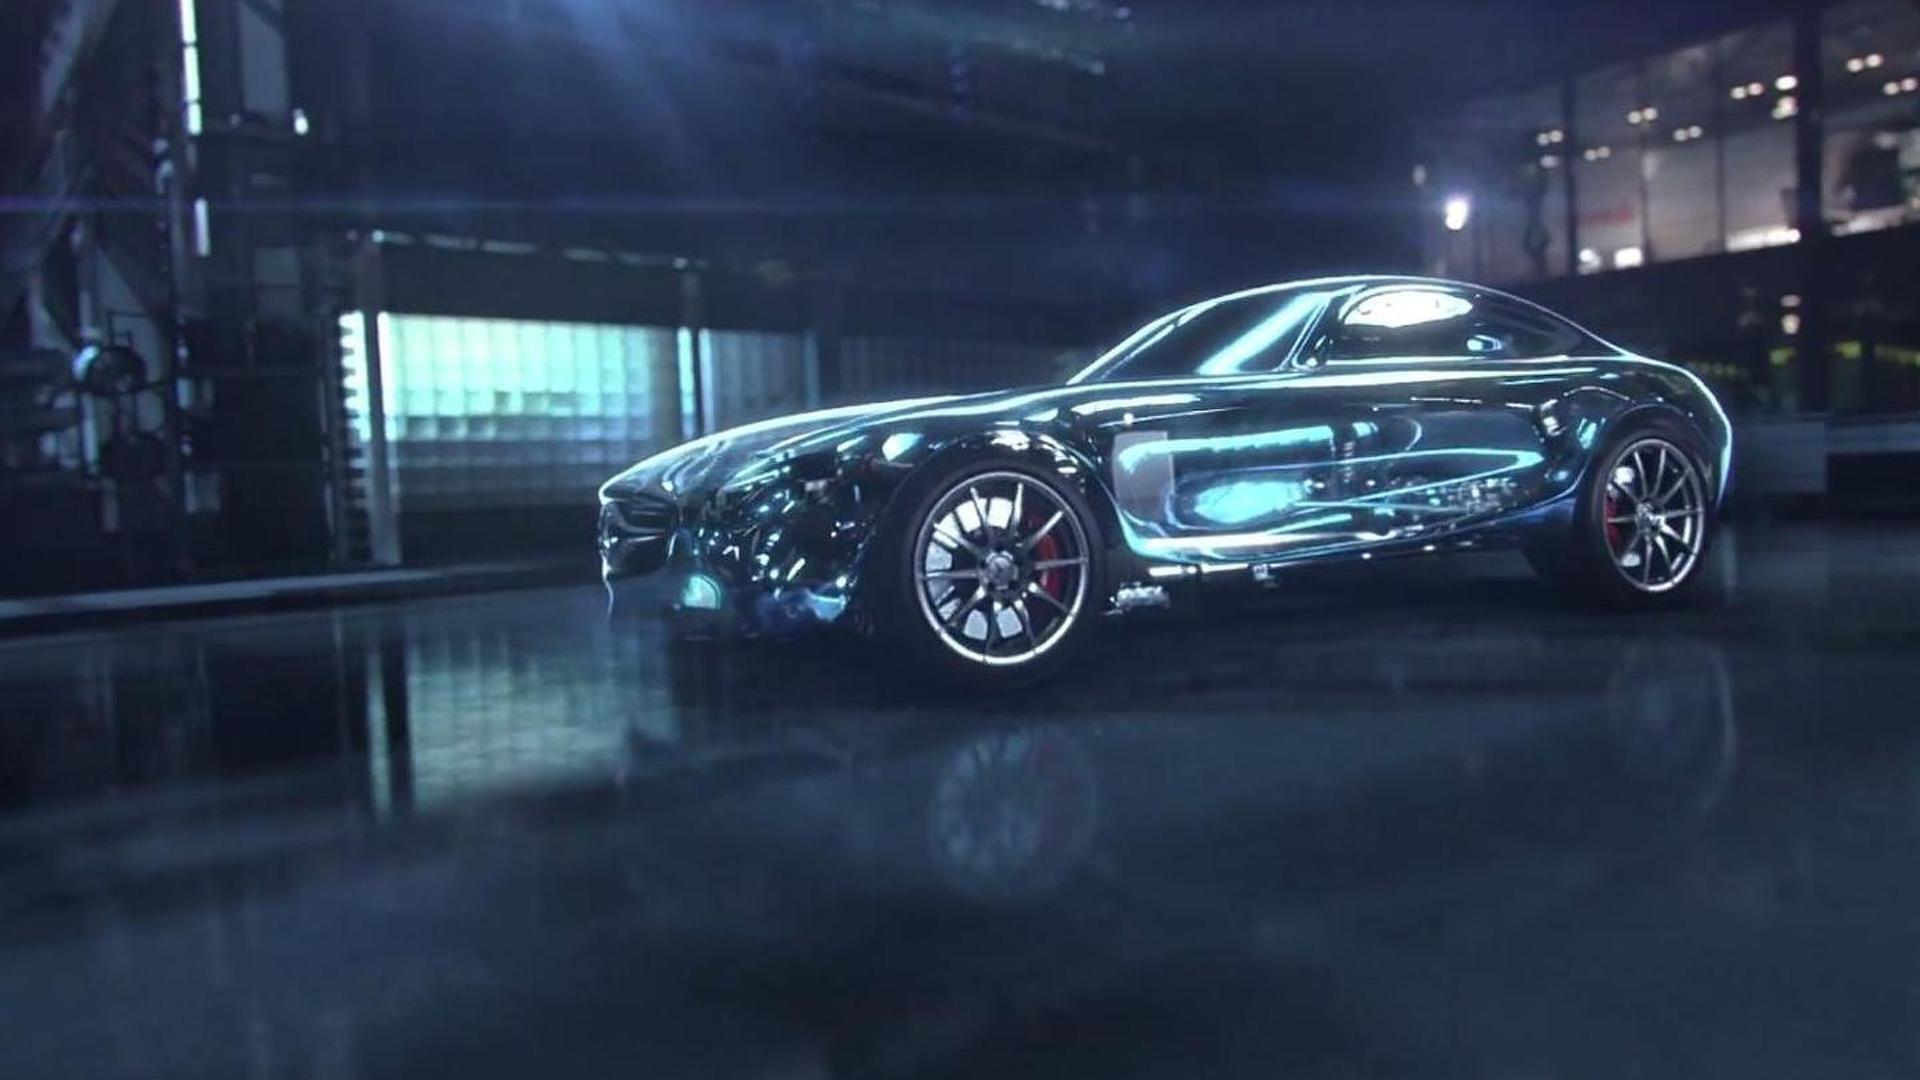 Mercedes-AMG GT premiere set for September 9 - report